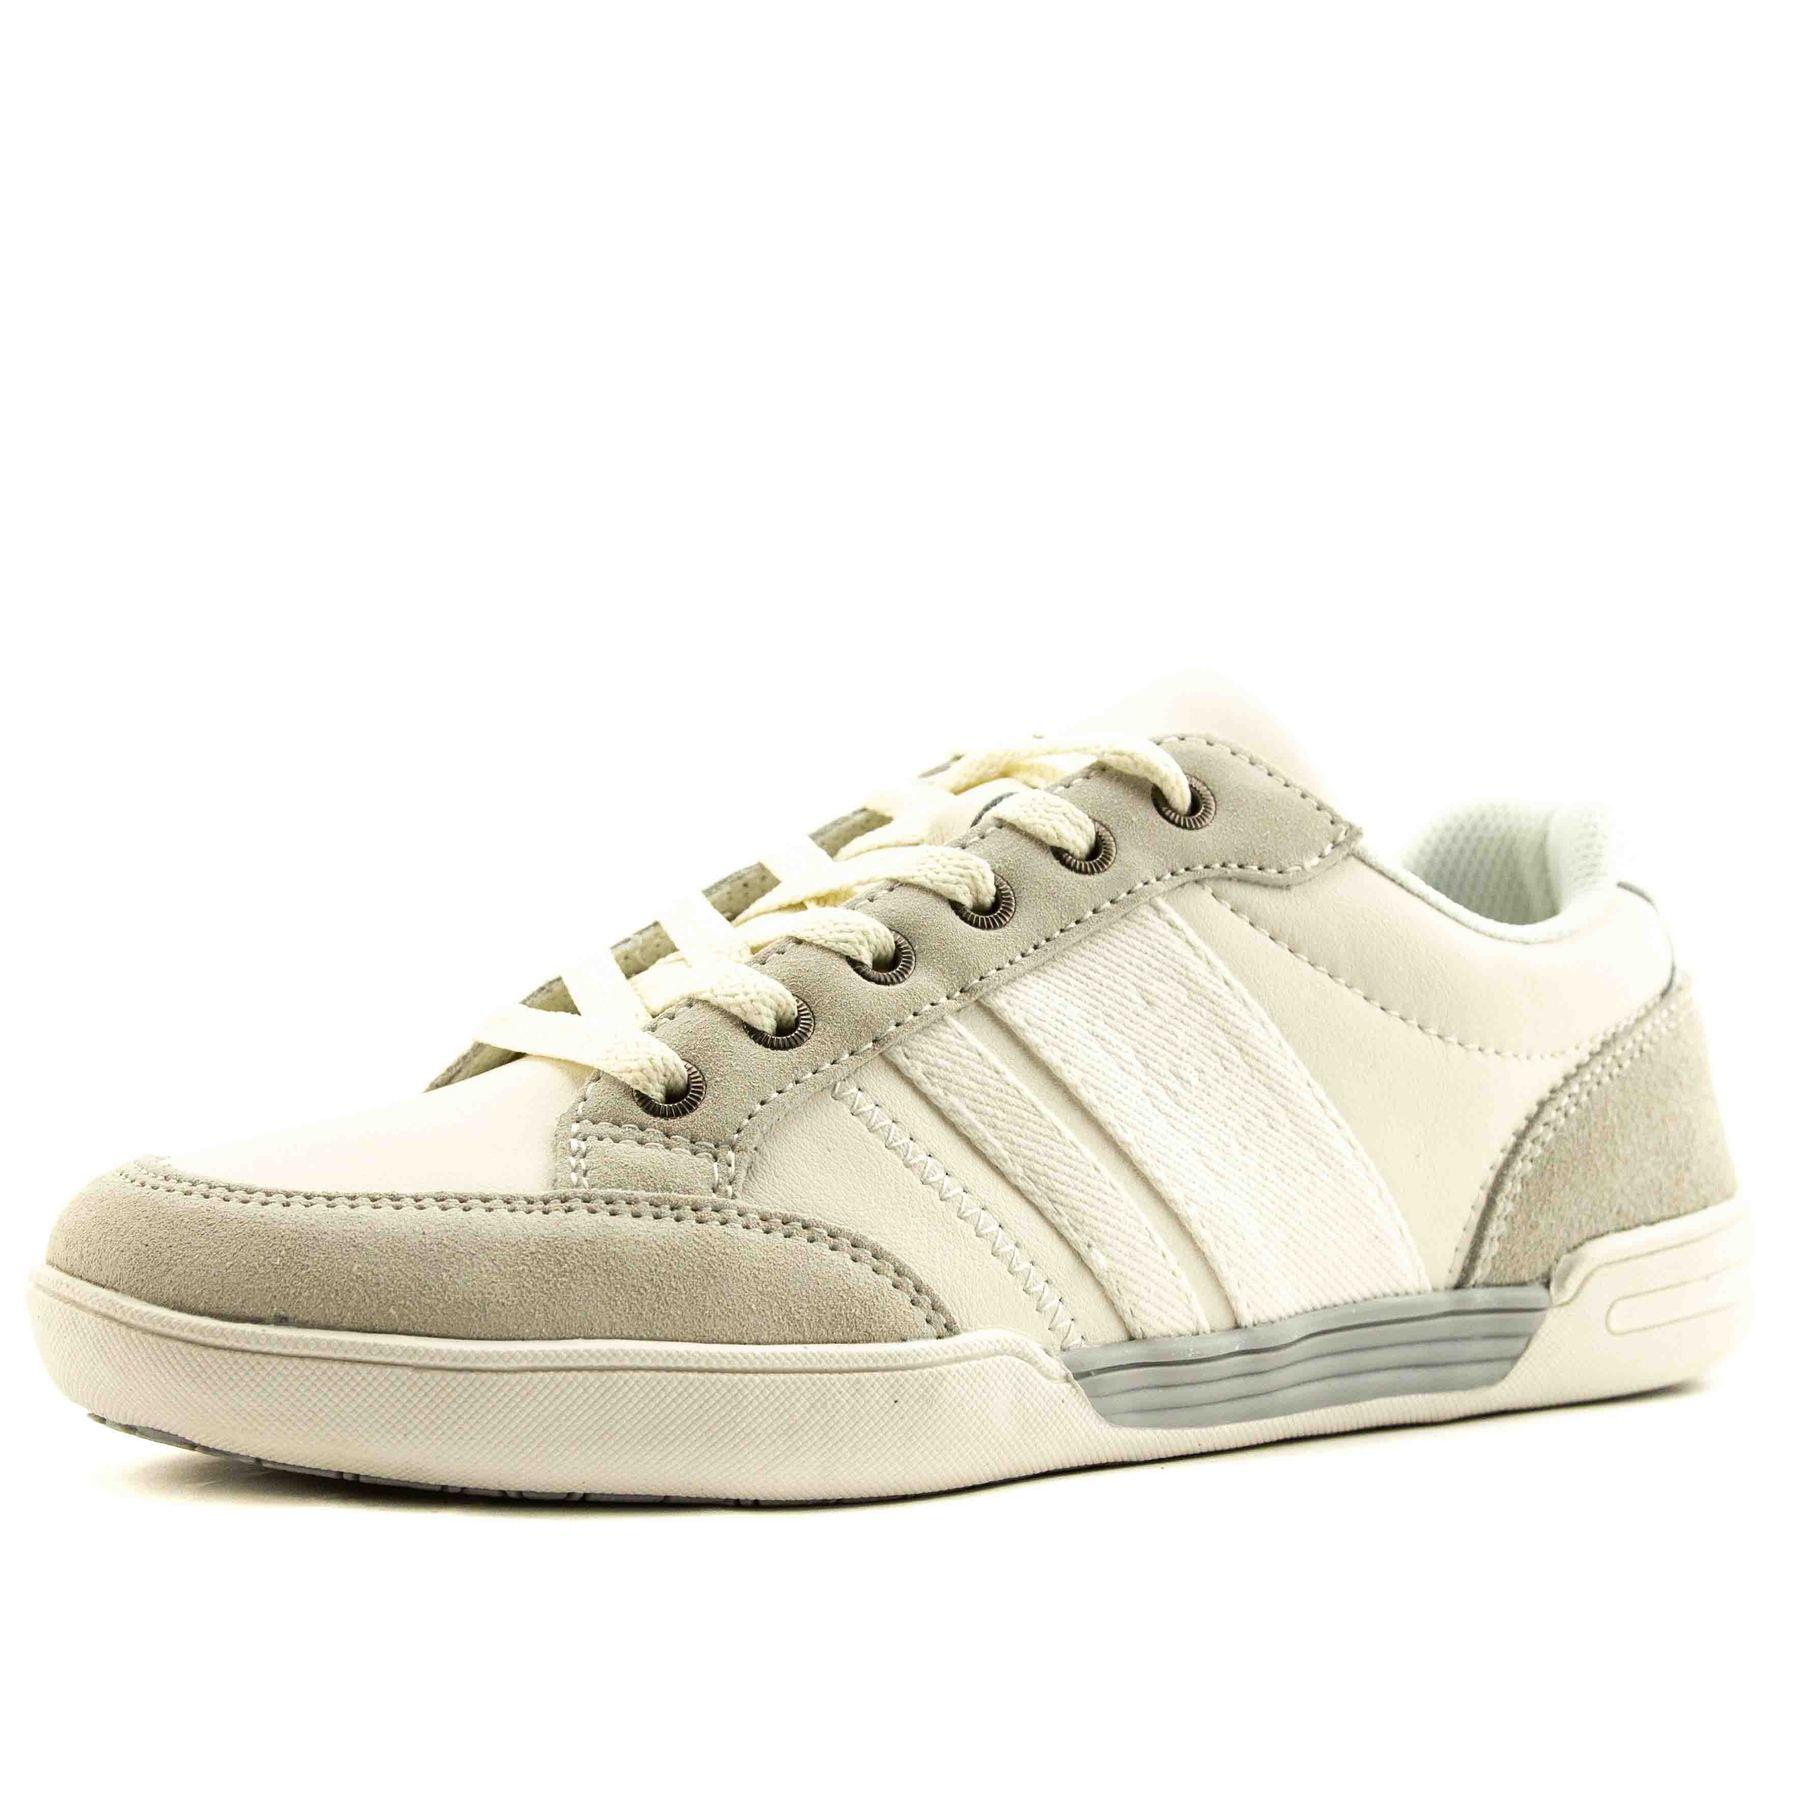 Zapatos para hombre Baden Zapatos de mujer de diseñador, zapatillas antideslizantes, zapatillas informales de tacón bajo, zapatos de tacón británico de madera, zapatos de tacón de verano